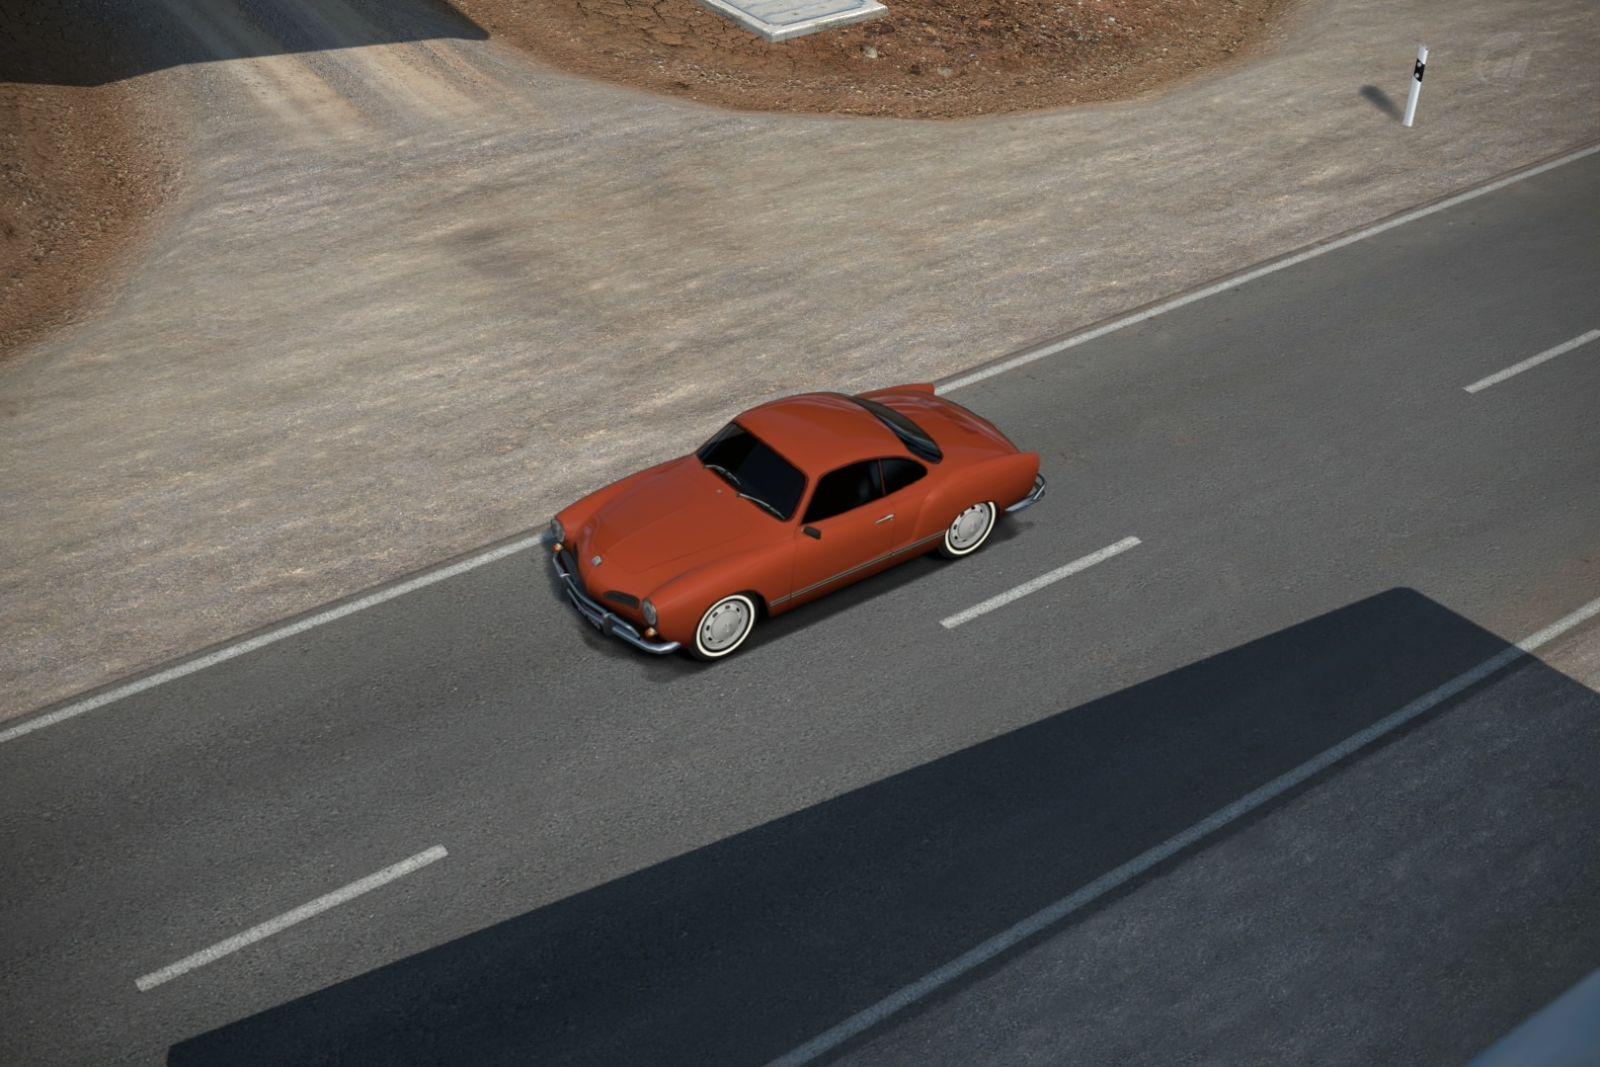 Карманн Гиа - VW Karmann Ghia - Gemasolar 8